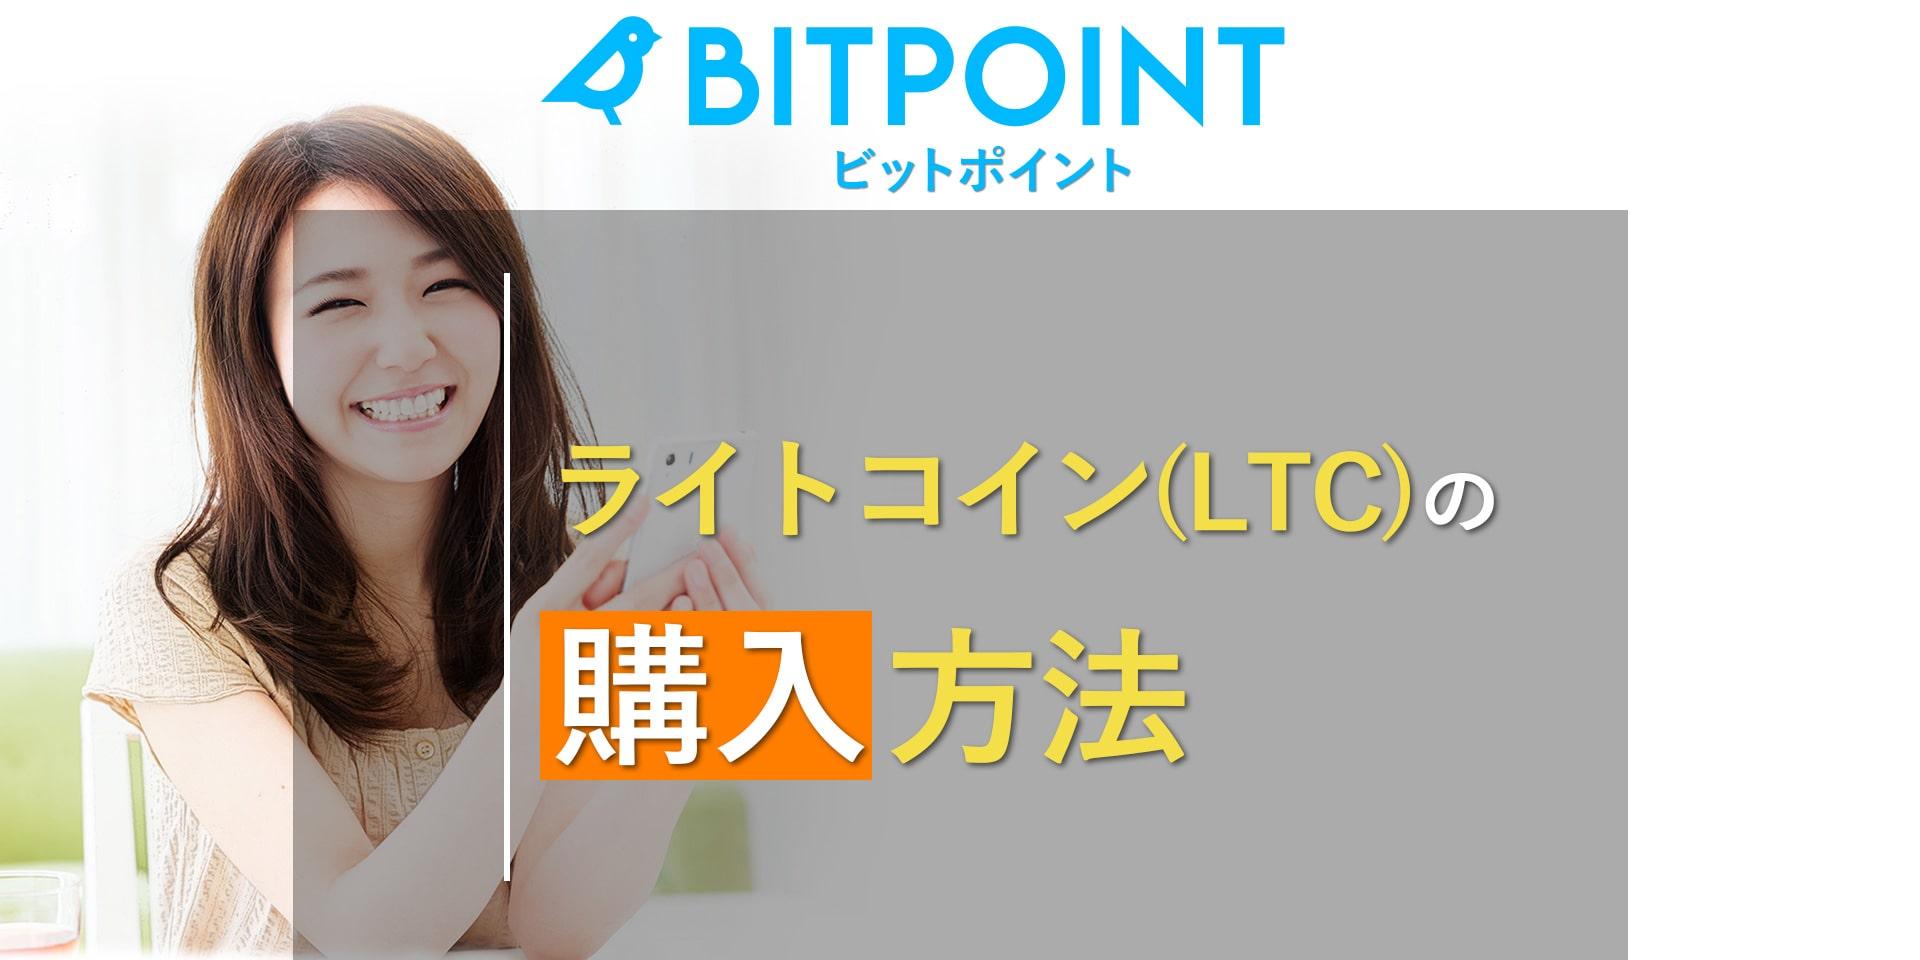 BITPoint(ビットポイント)のライトコイン(LTC)の買い方や購入方法を解説!